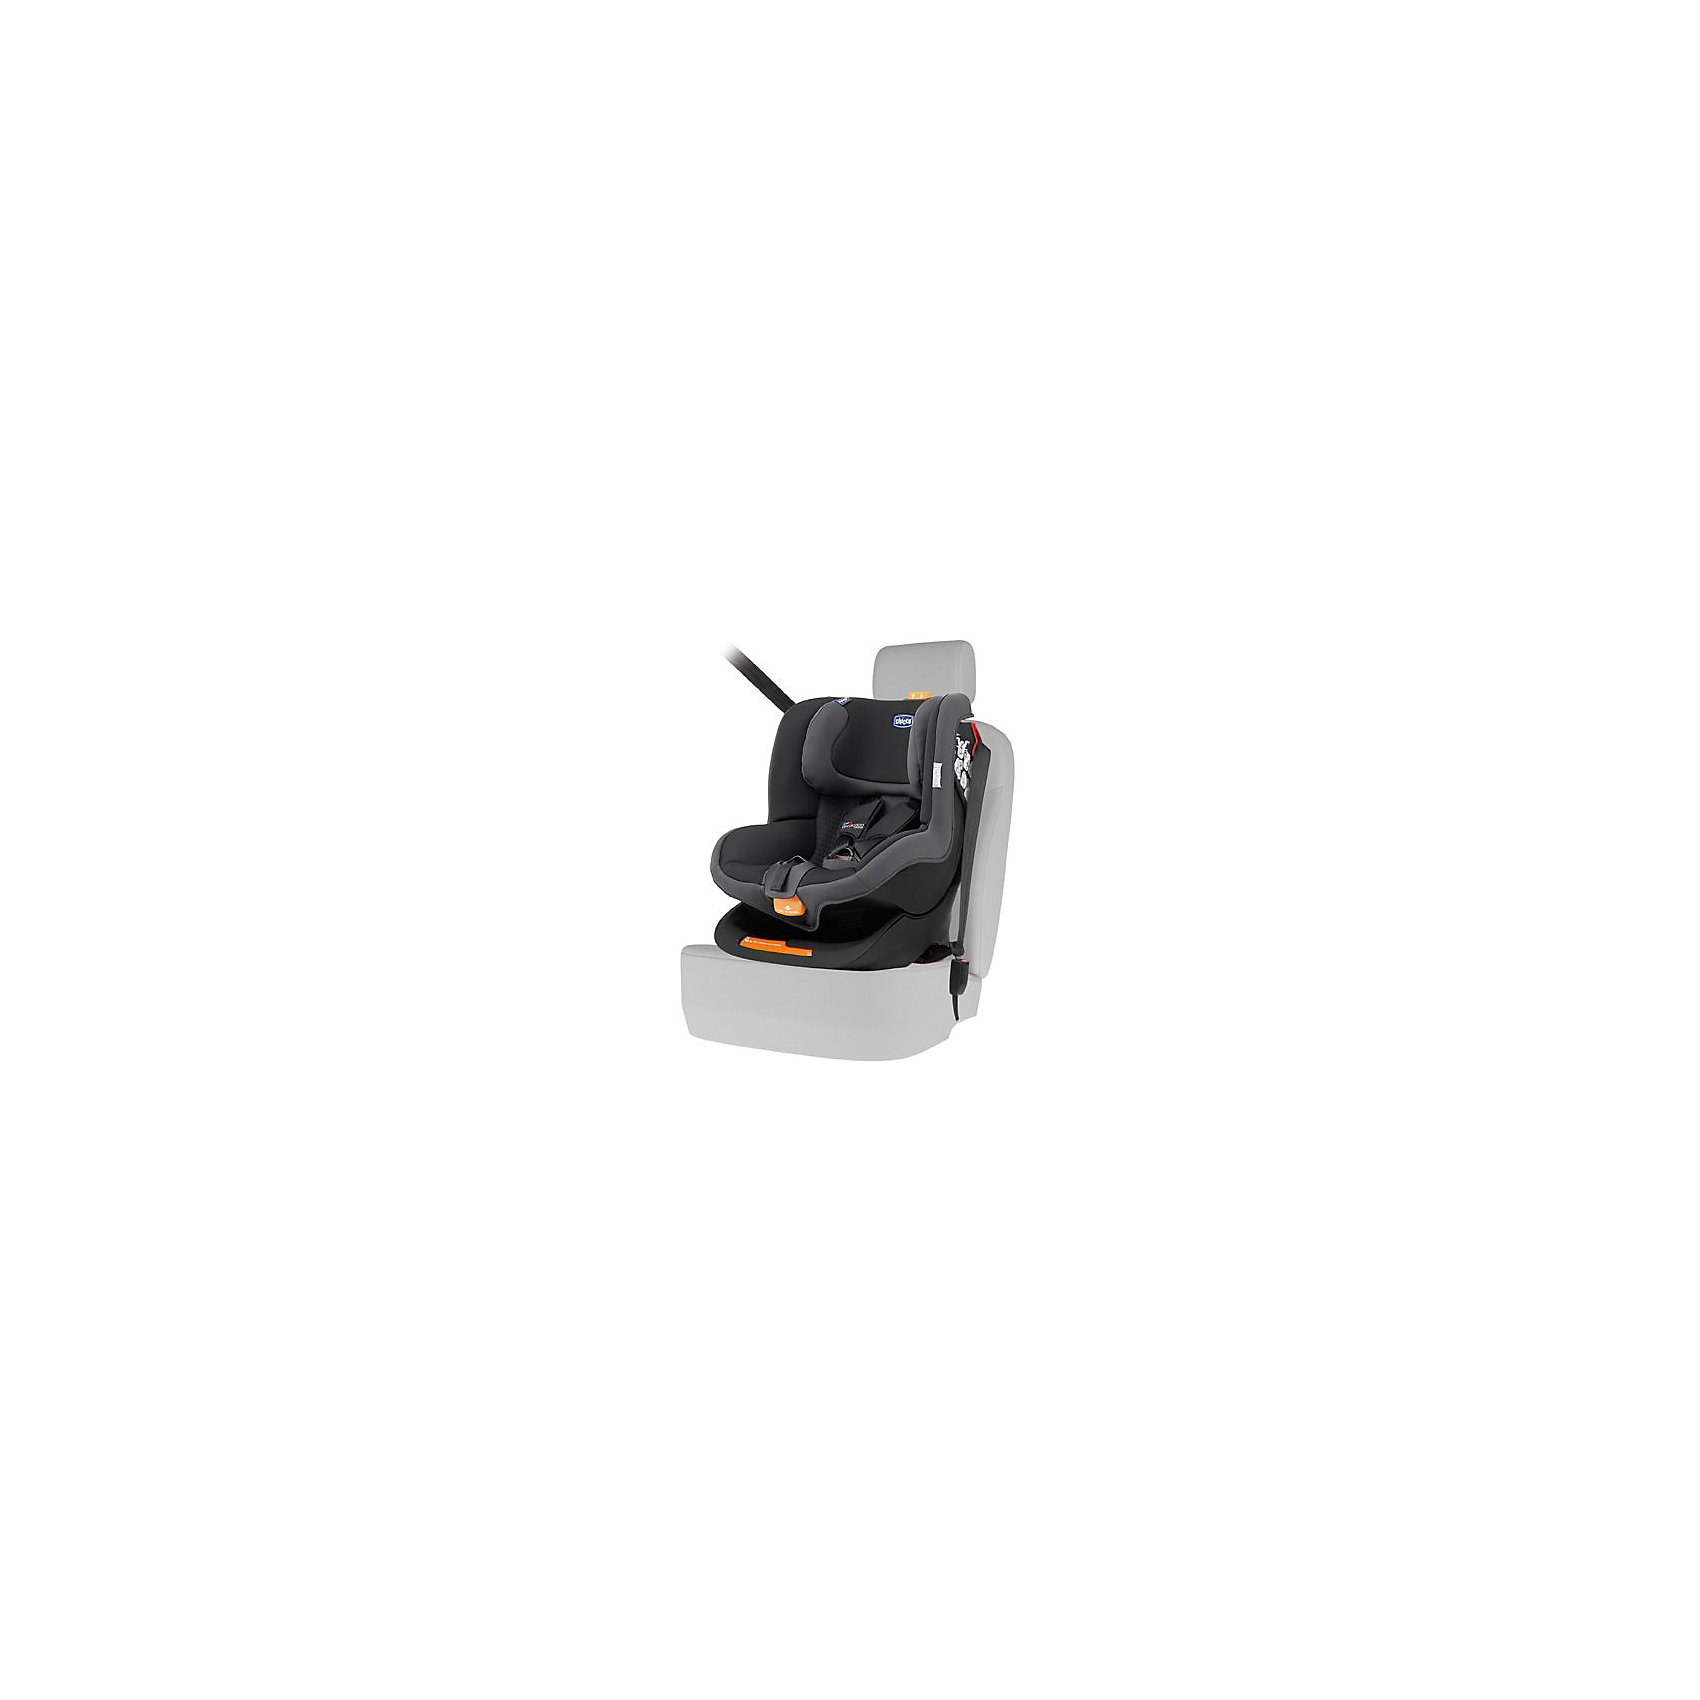 Автокресло CHICCO Oasys 1 Evo isofix, 9-18 кг, coal